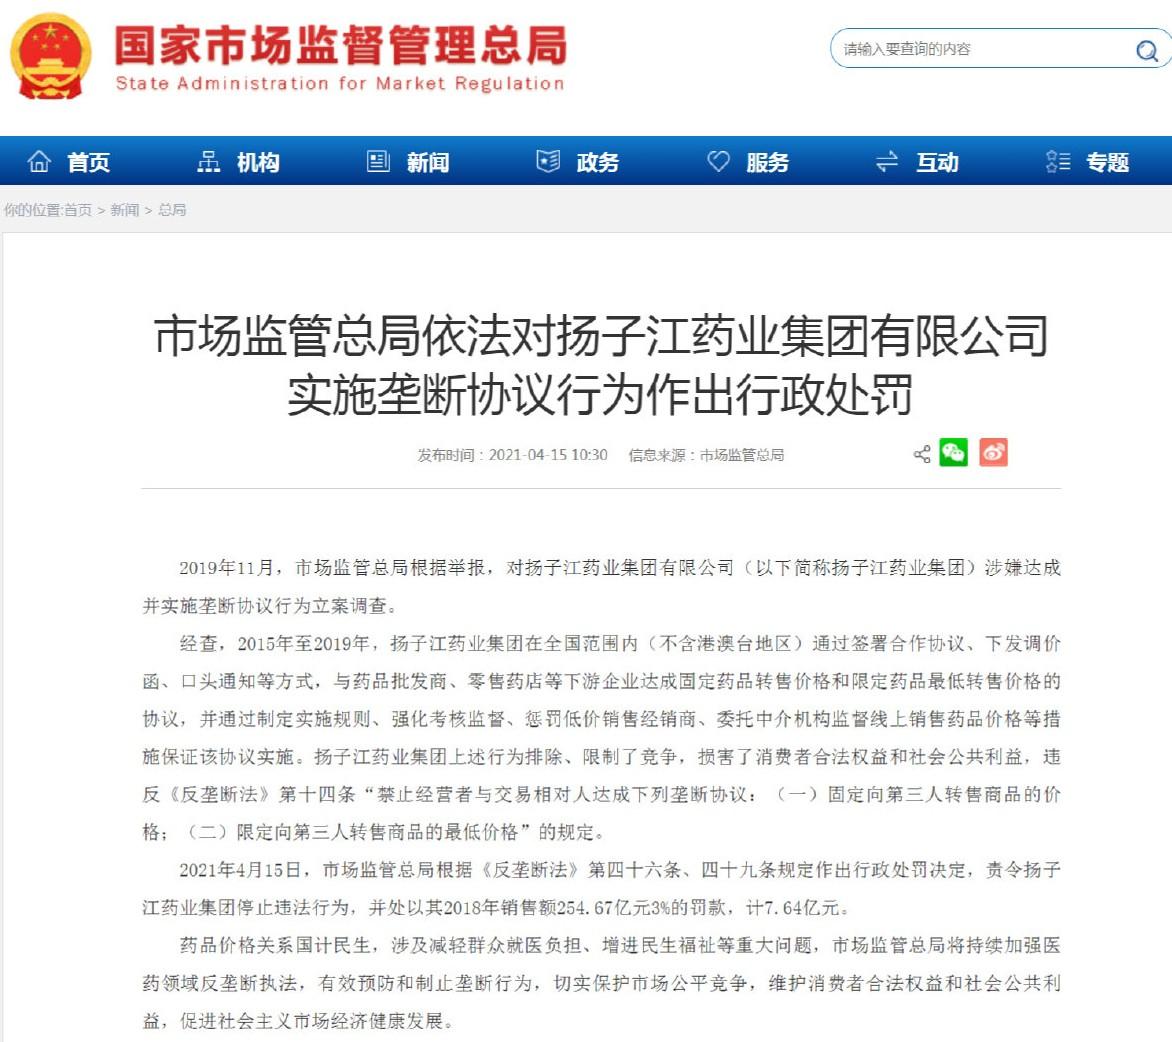 步阿里后尘!因实施垄断协议 扬子江药业被罚7.64亿元